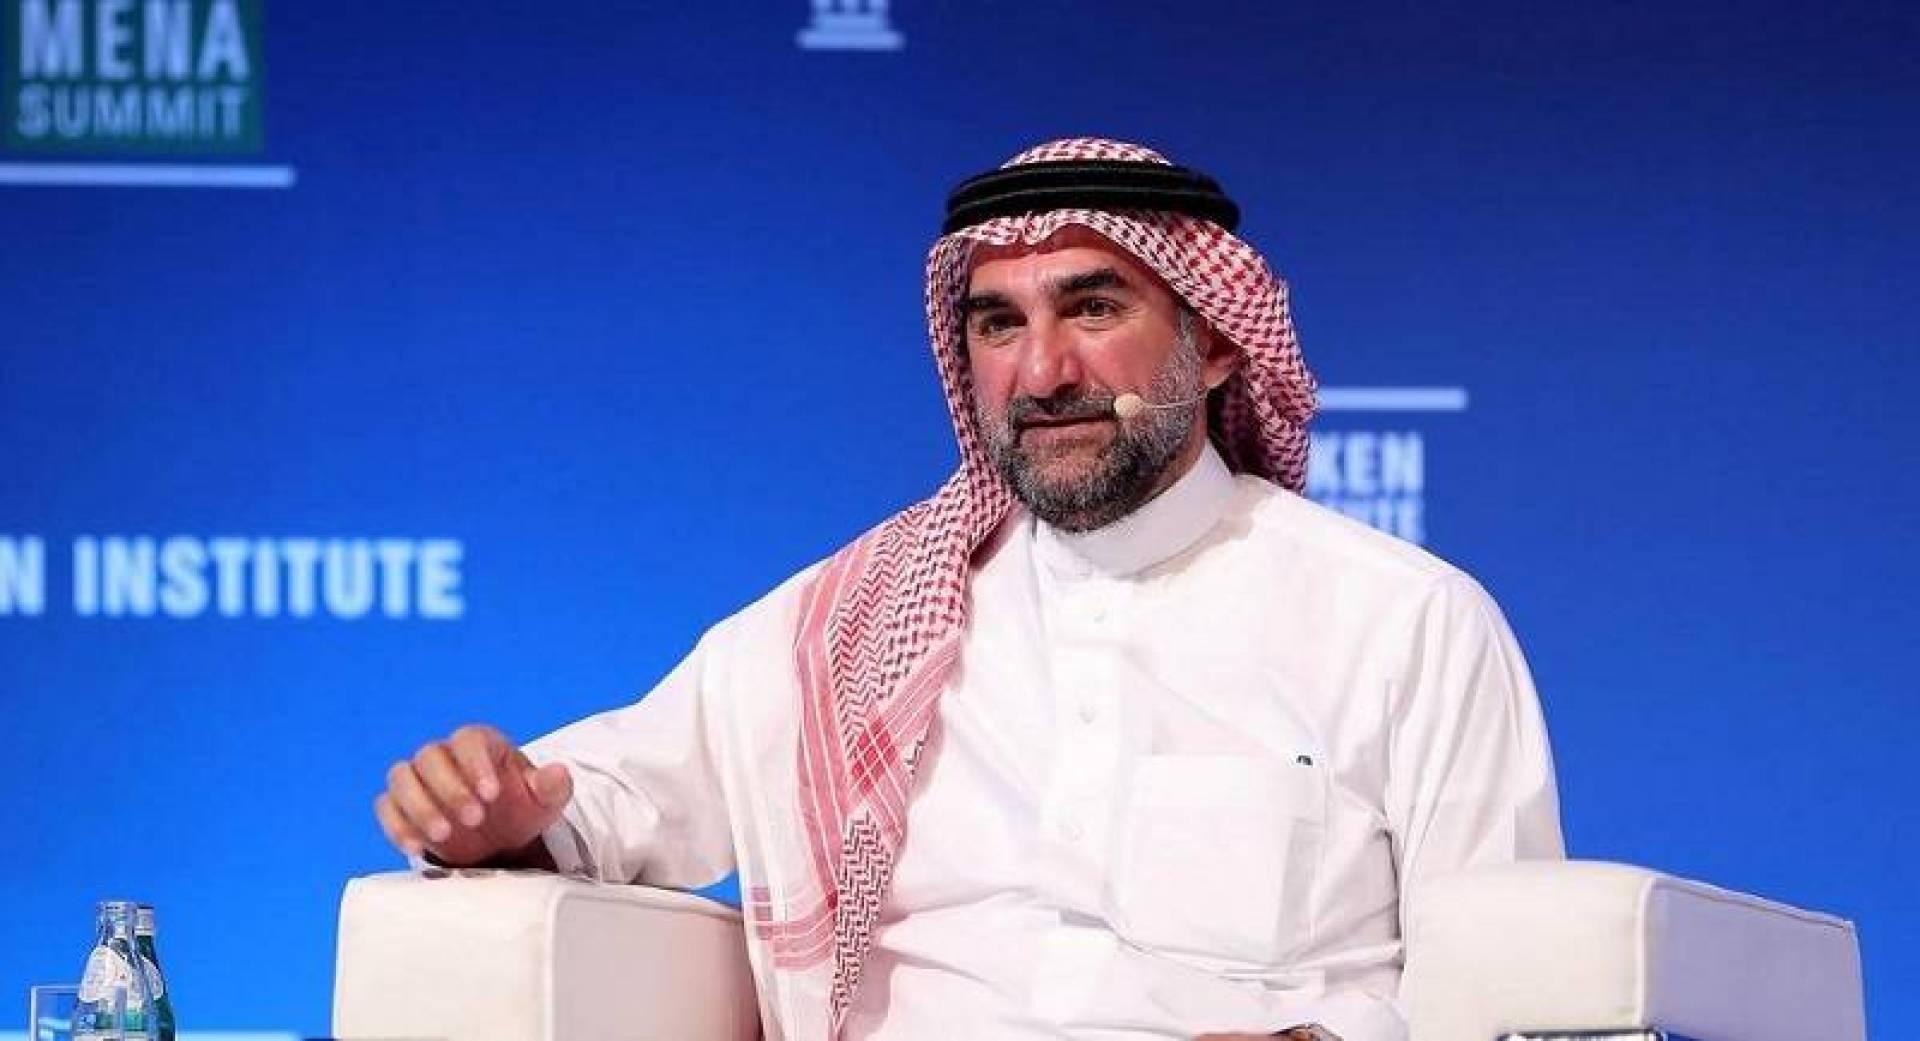 معلومات عن ياسر الرميان الذي تولى رئاسة مجلس إدارة «أرامكو»